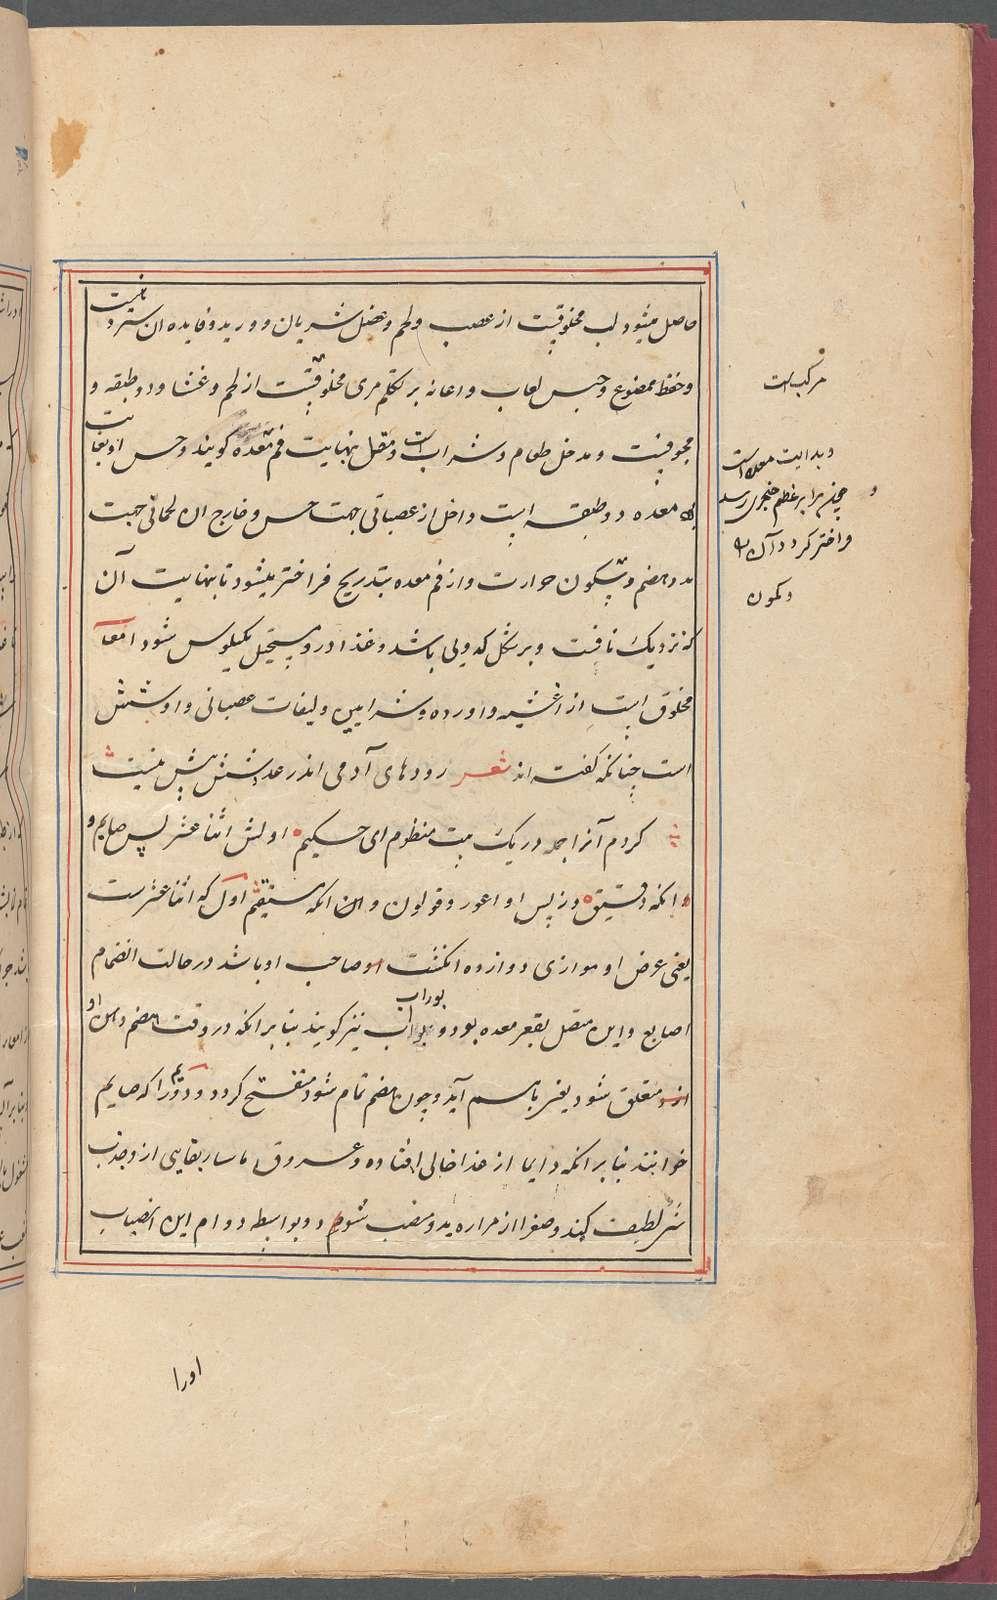 Tasrîh-i Mansûrî , fol. 35v